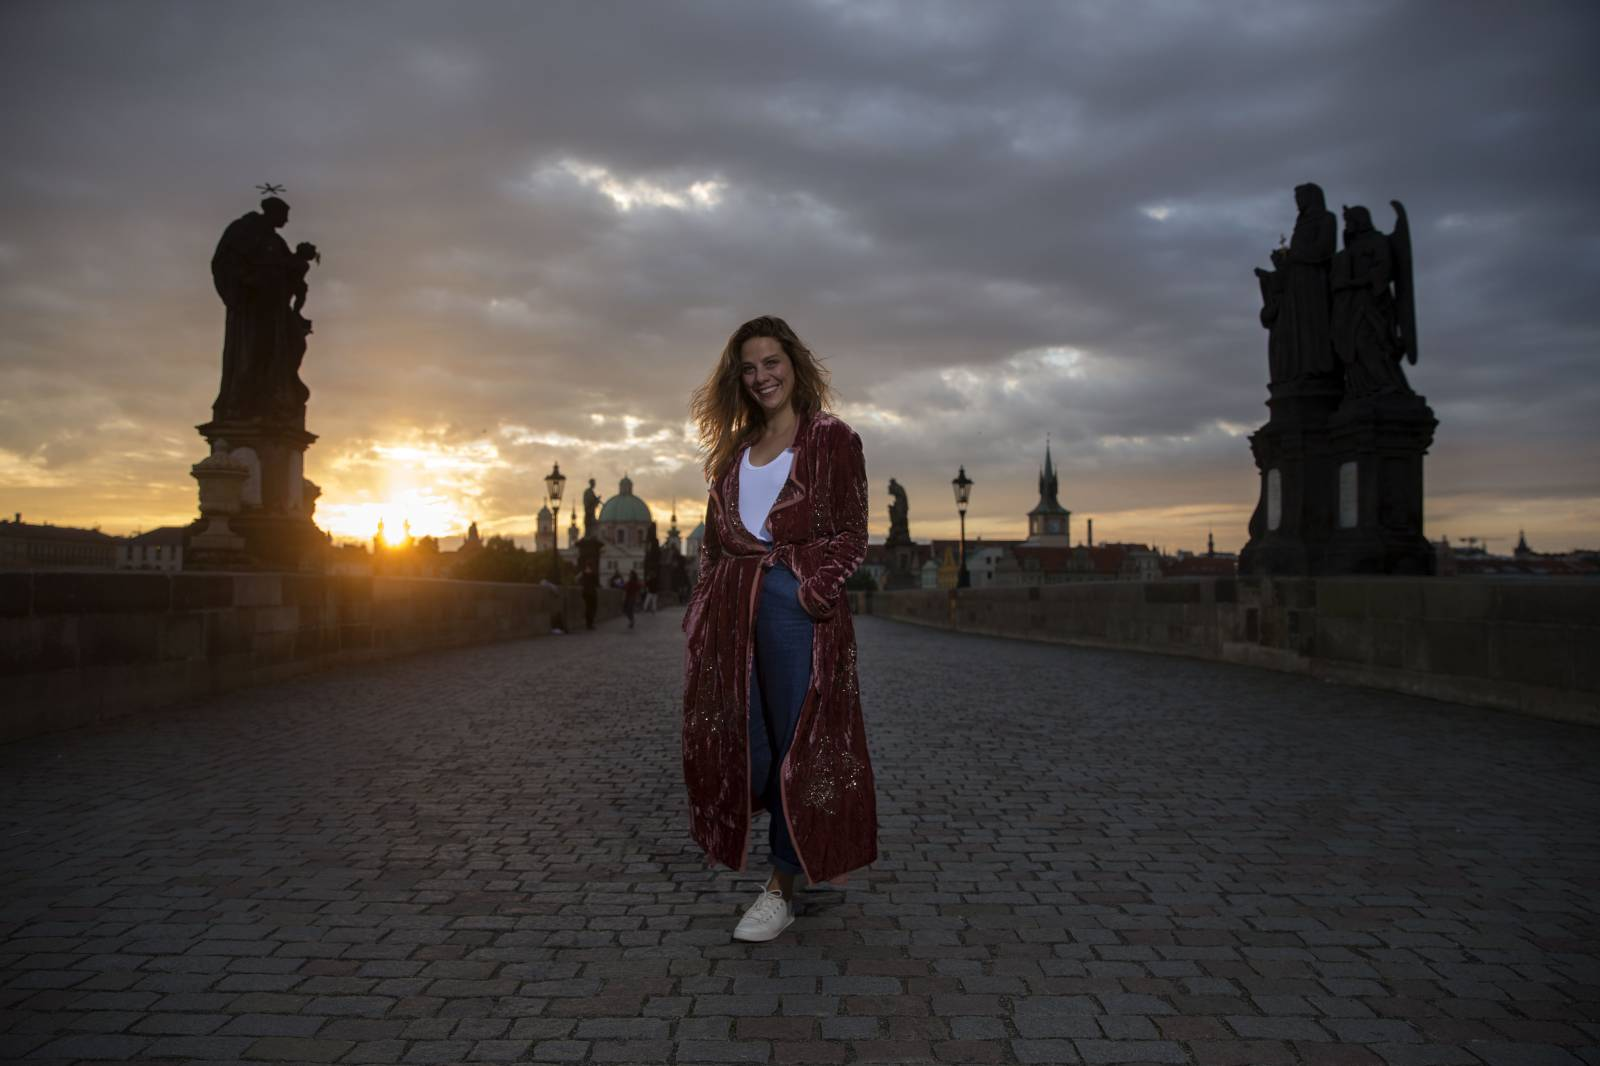 ROZHOVOR | Aneta Langerová: Slunce je pro mě symbol věčného života